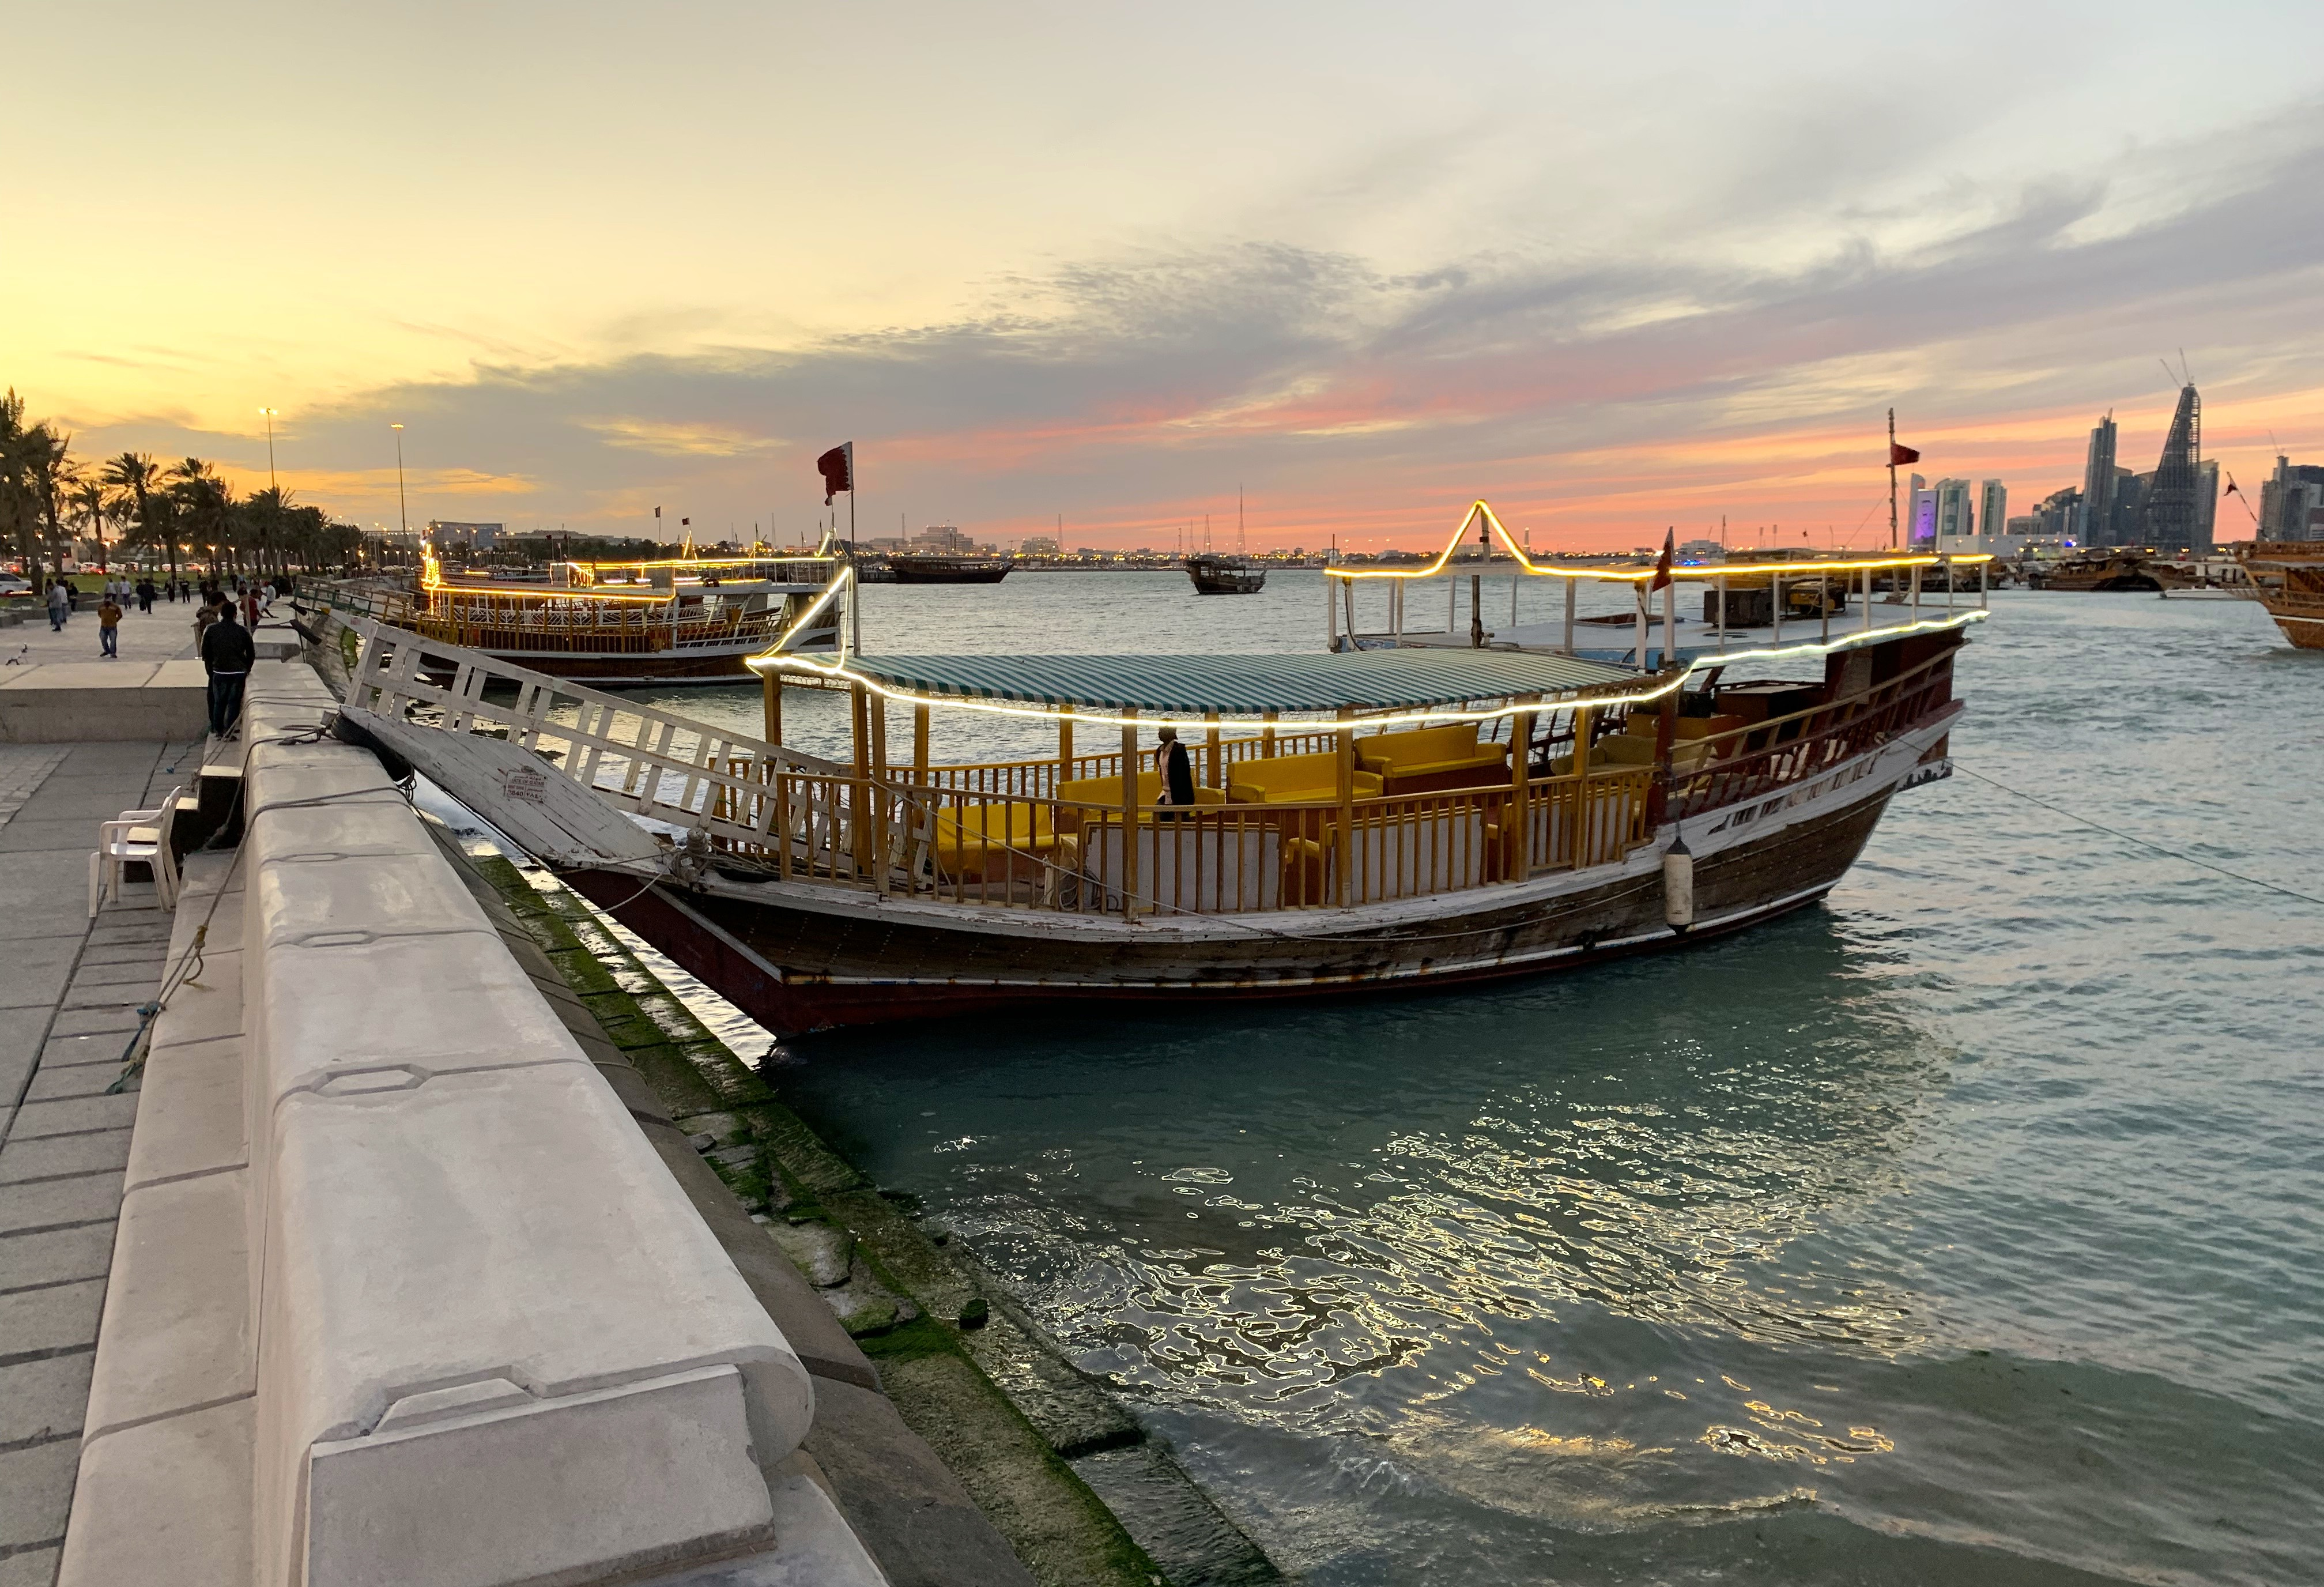 Doha, Qatar, 2019 31